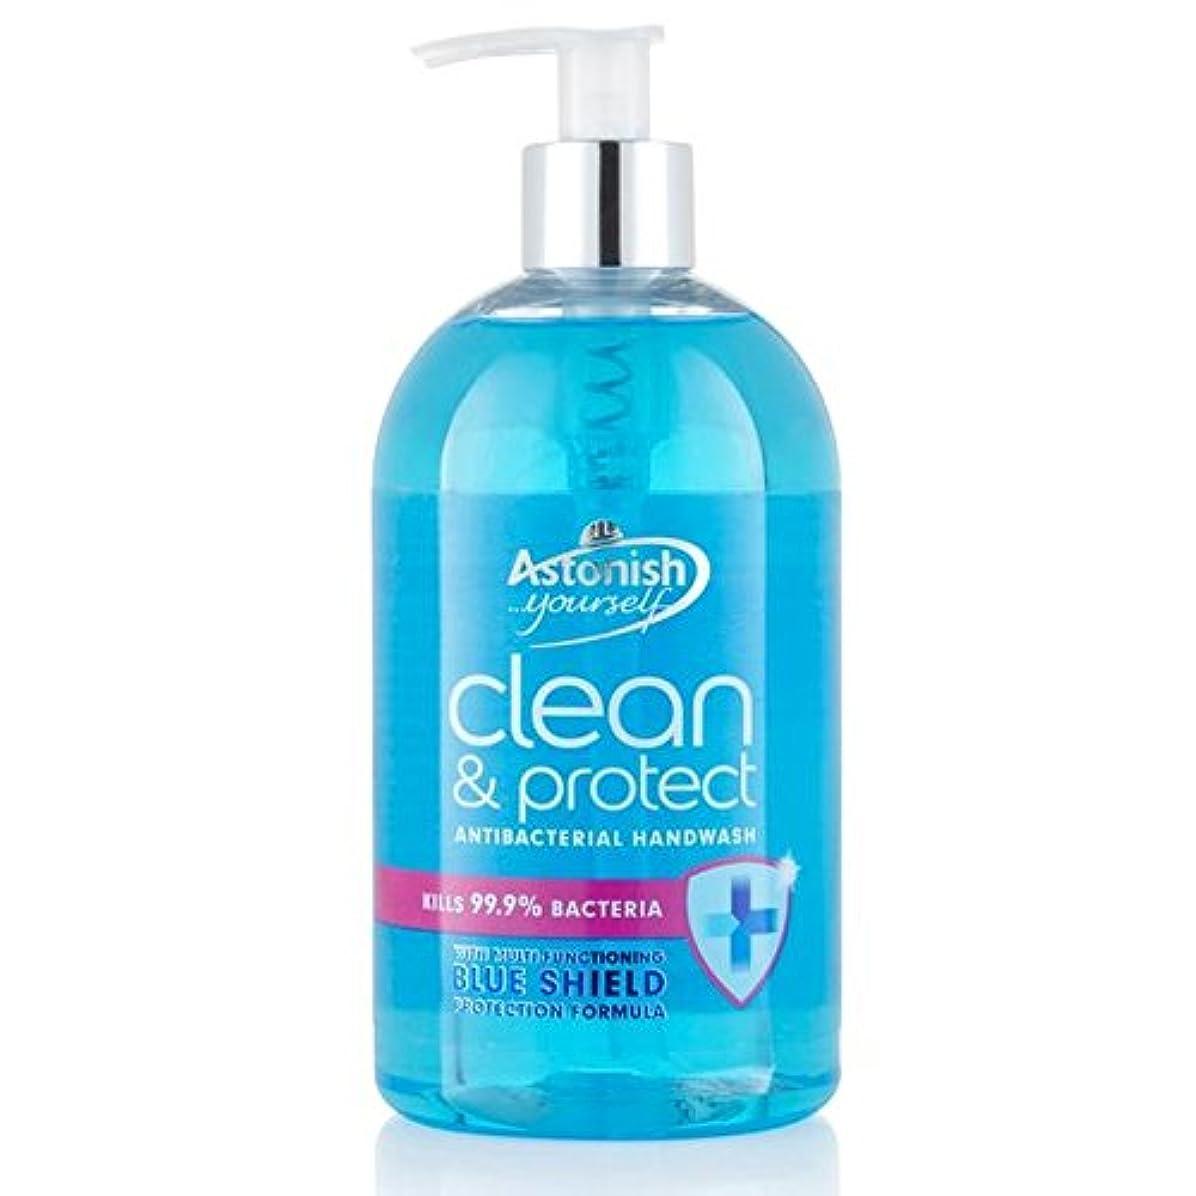 世界の窓つばマニフェストAstonish Clean & Protect Hand Wash 500ml - クリーン驚か&ハンドウォッシュ500ミリリットルを保護 [並行輸入品]